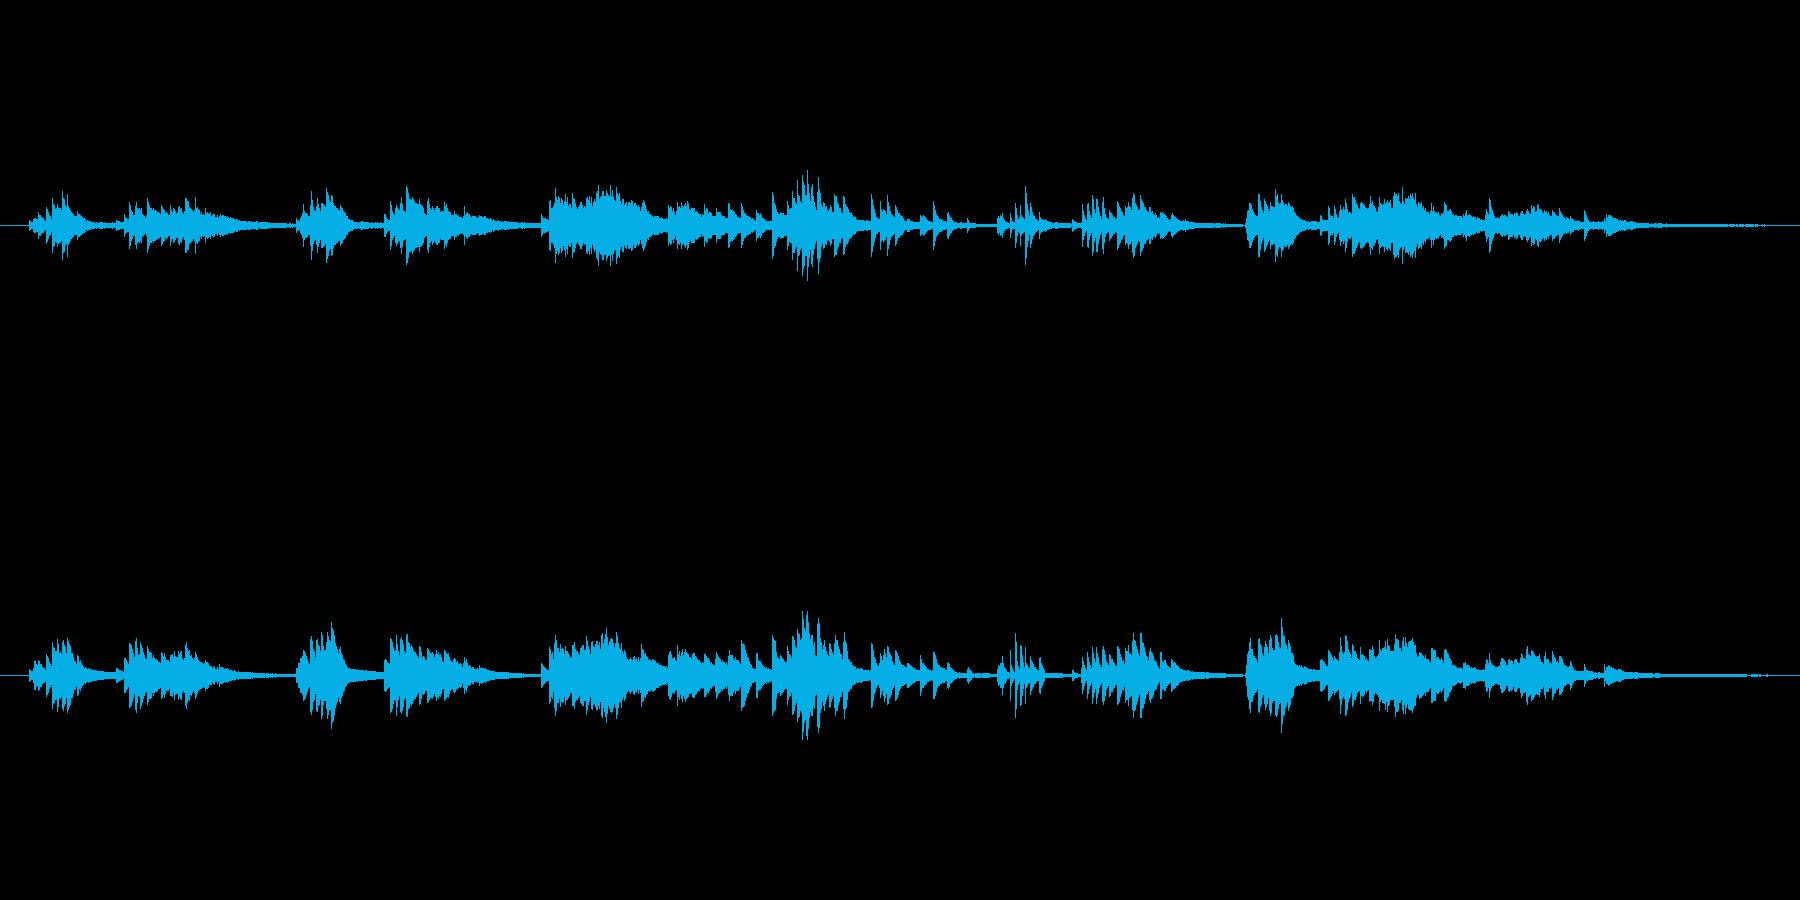 ・あまり主張しない、静かなピアノソロ曲…の再生済みの波形